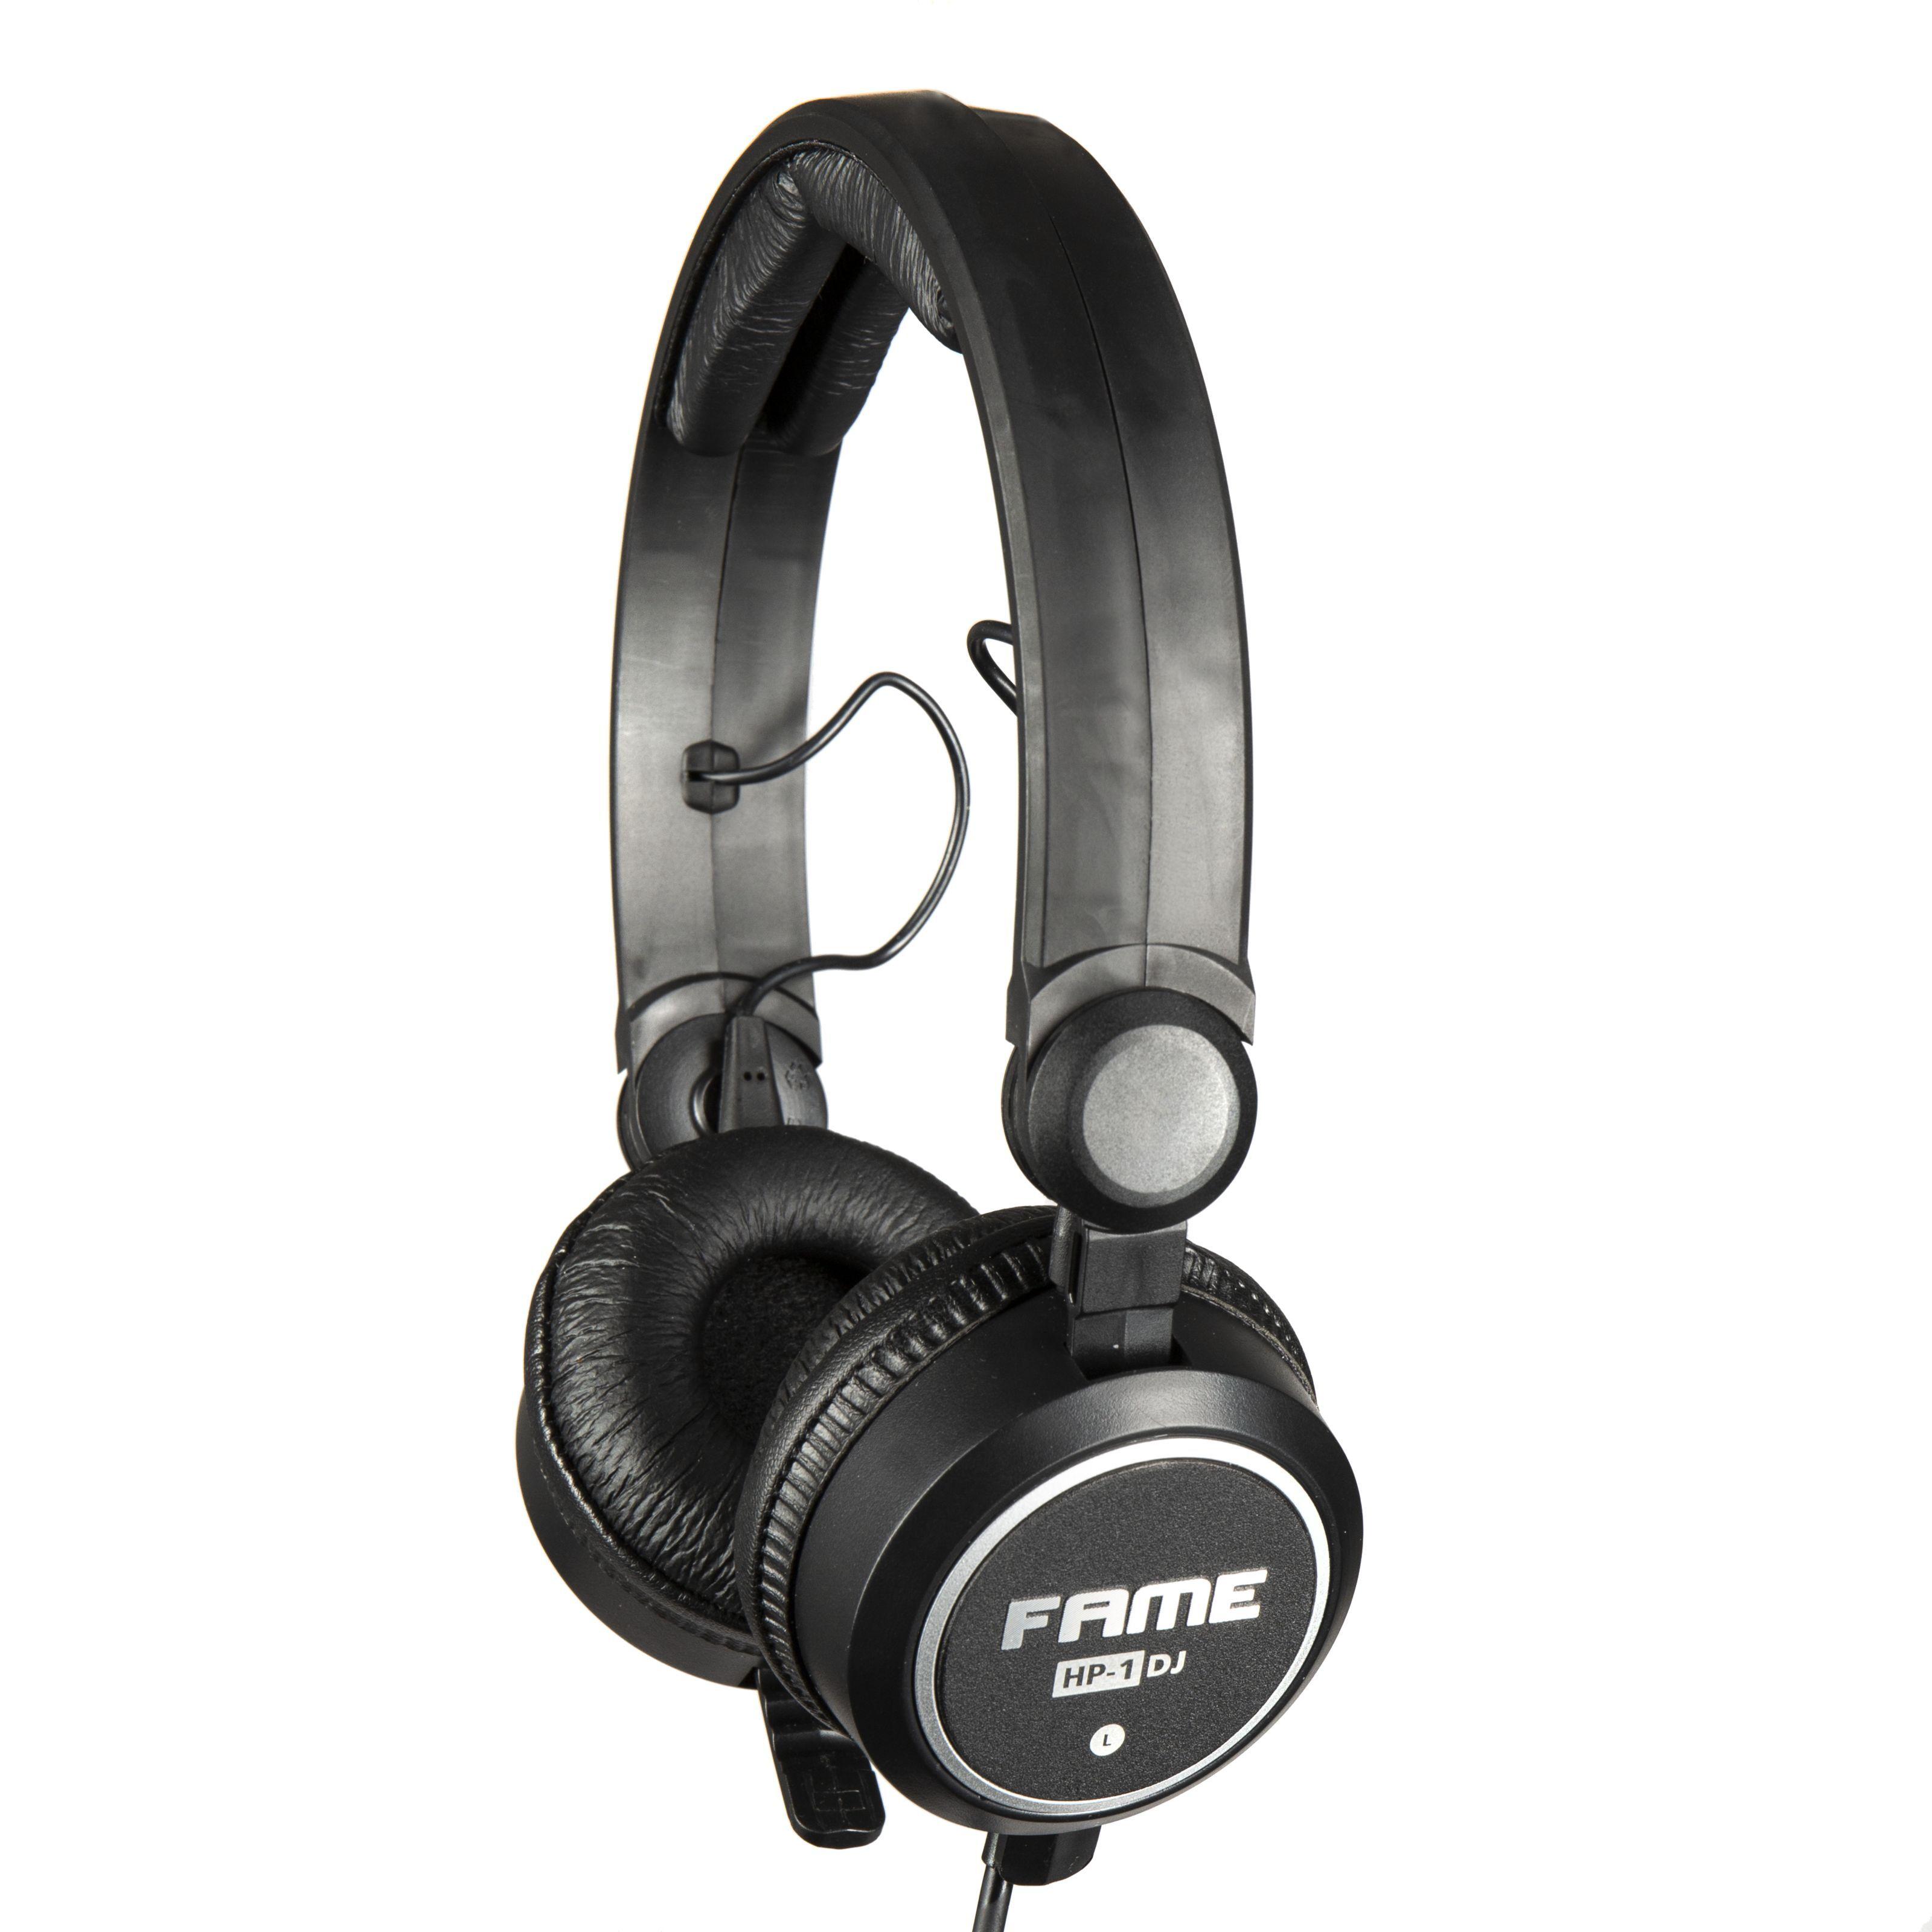 Fame Audio HP 1 DJ